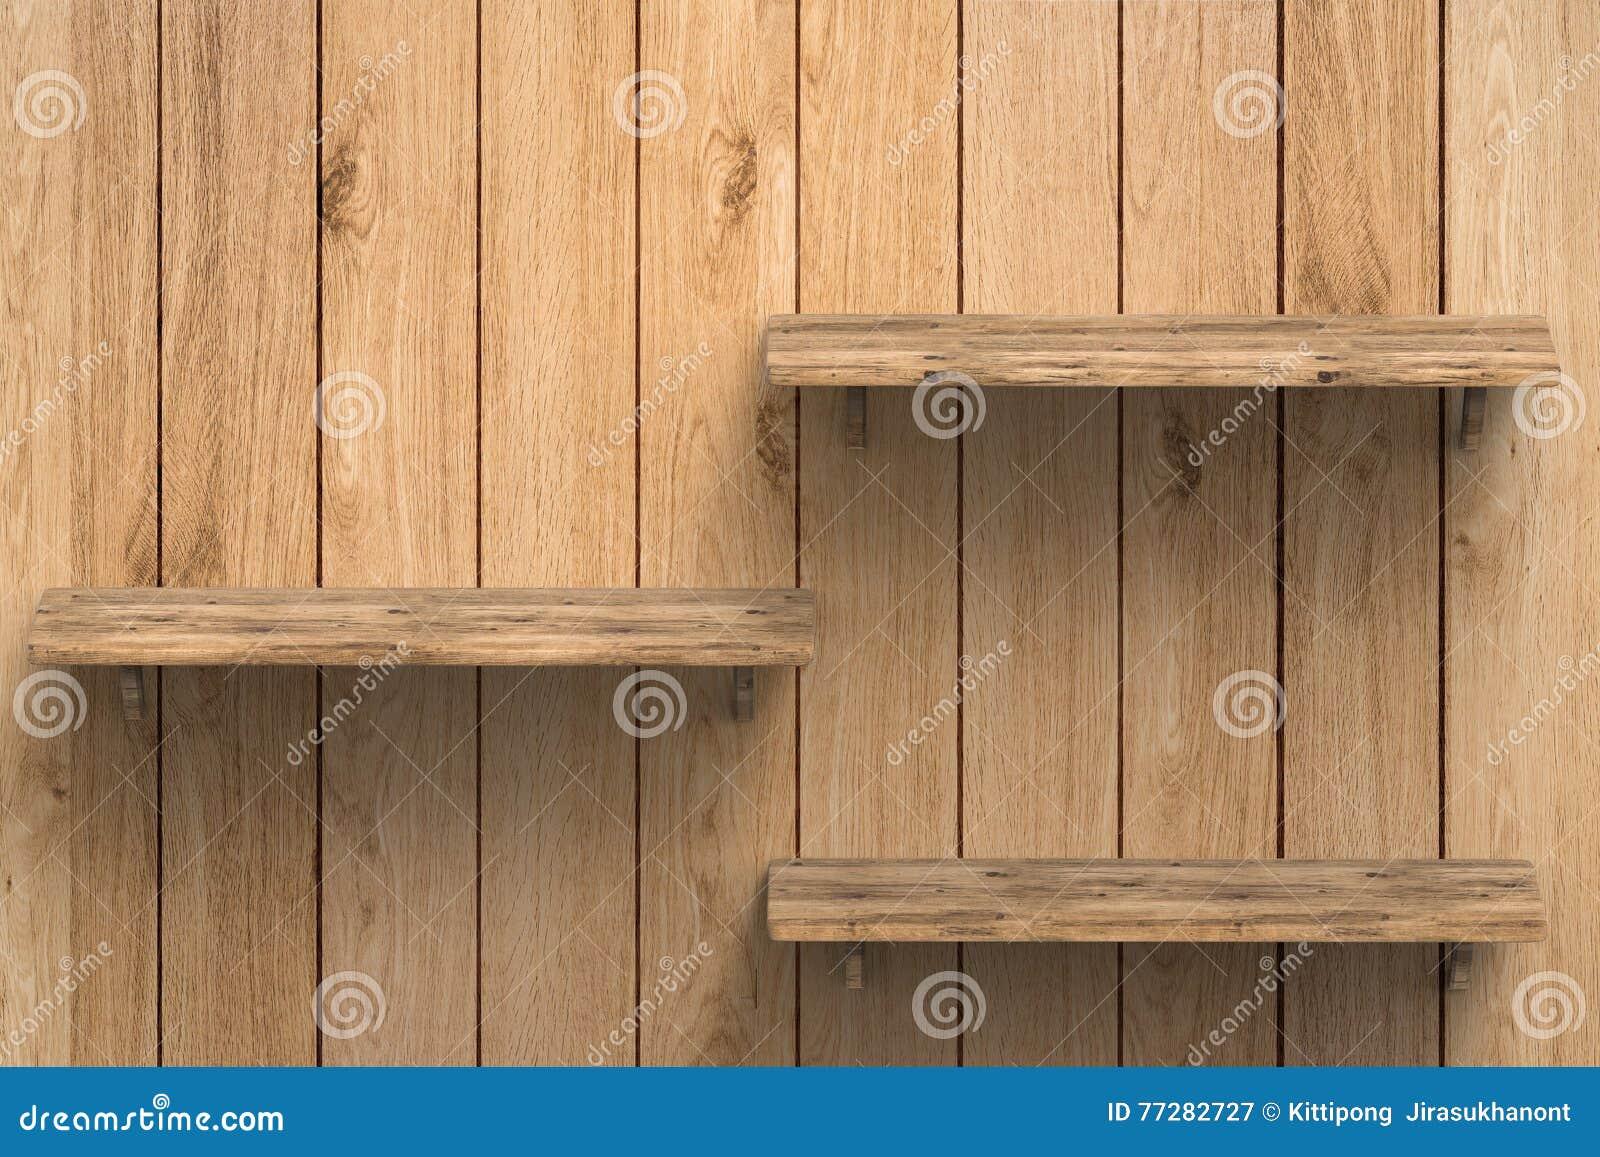 Houten Planken Voor Muur.Drie Houten Planken Op Muur Stock Illustratie Illustratie